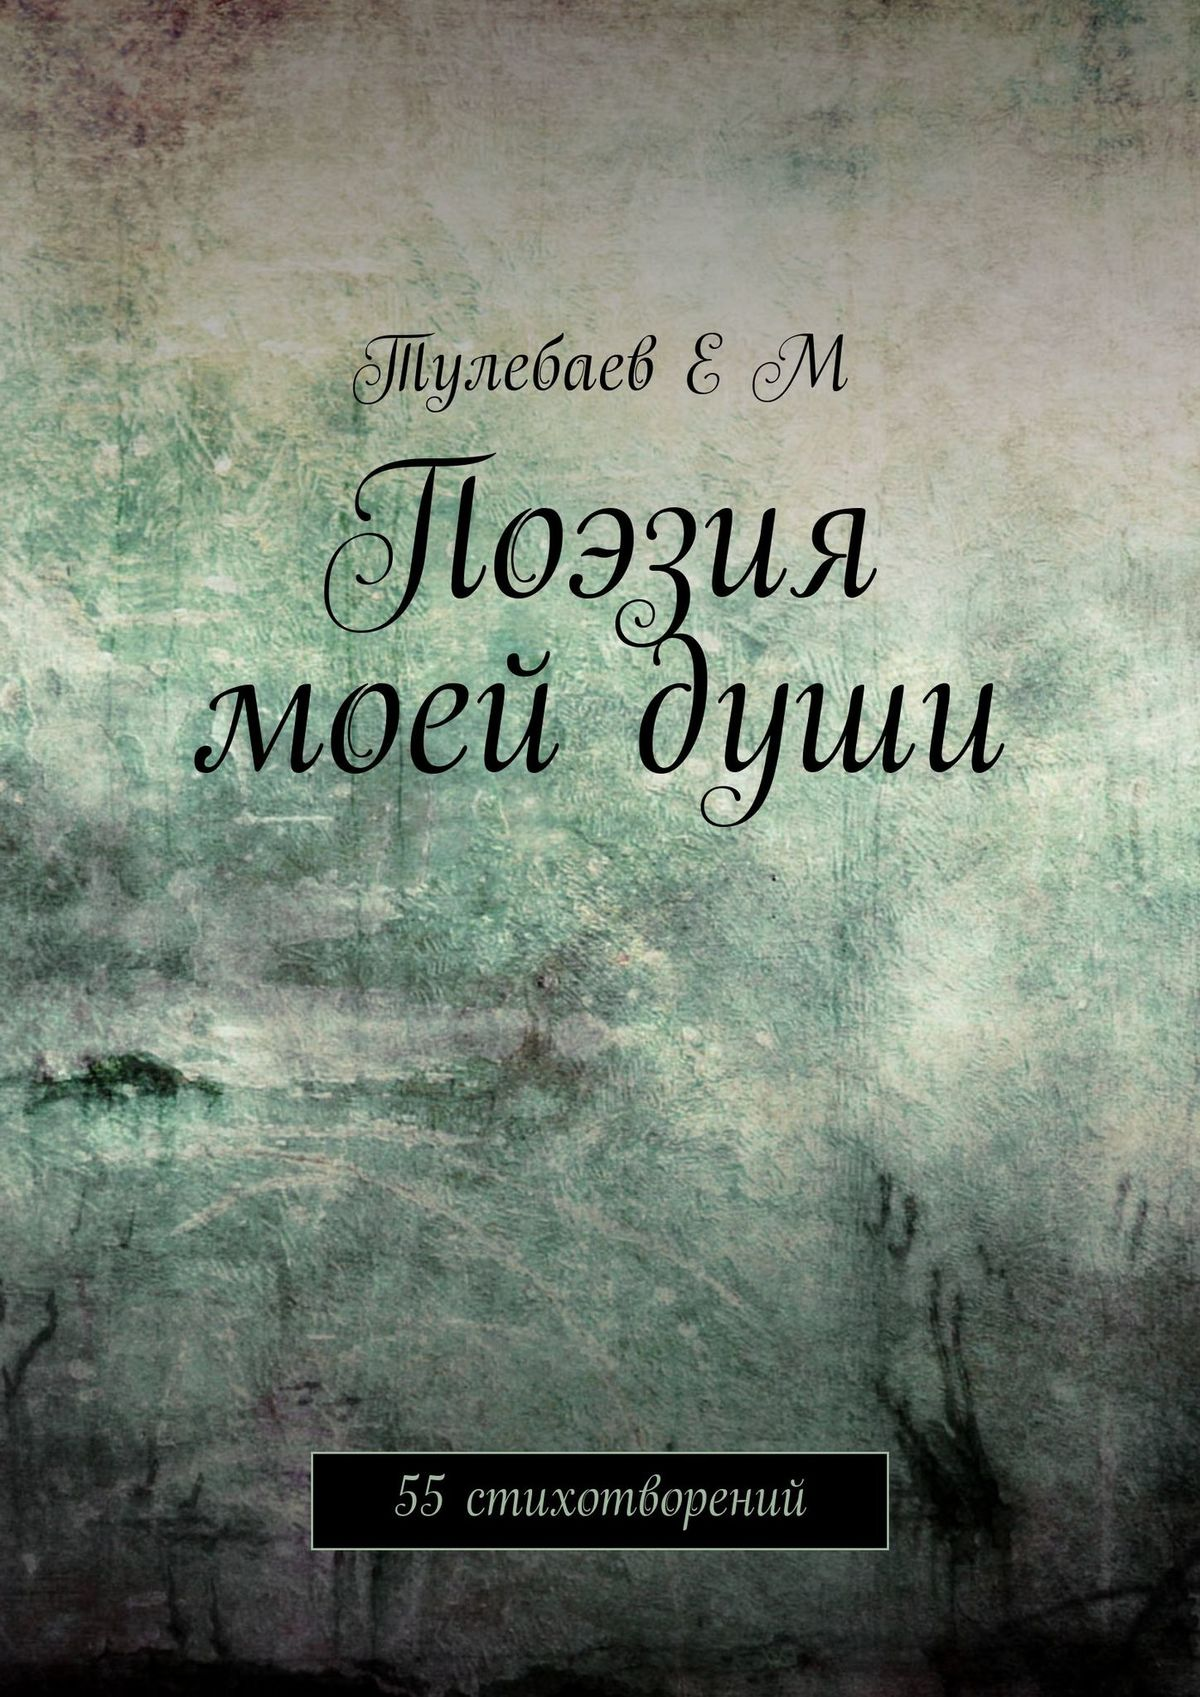 Ерлан Маратович Тулебаев Поэзия моейдуши. 55 стихотворений алеша кравченко терпкая лирика сборник стихотворений